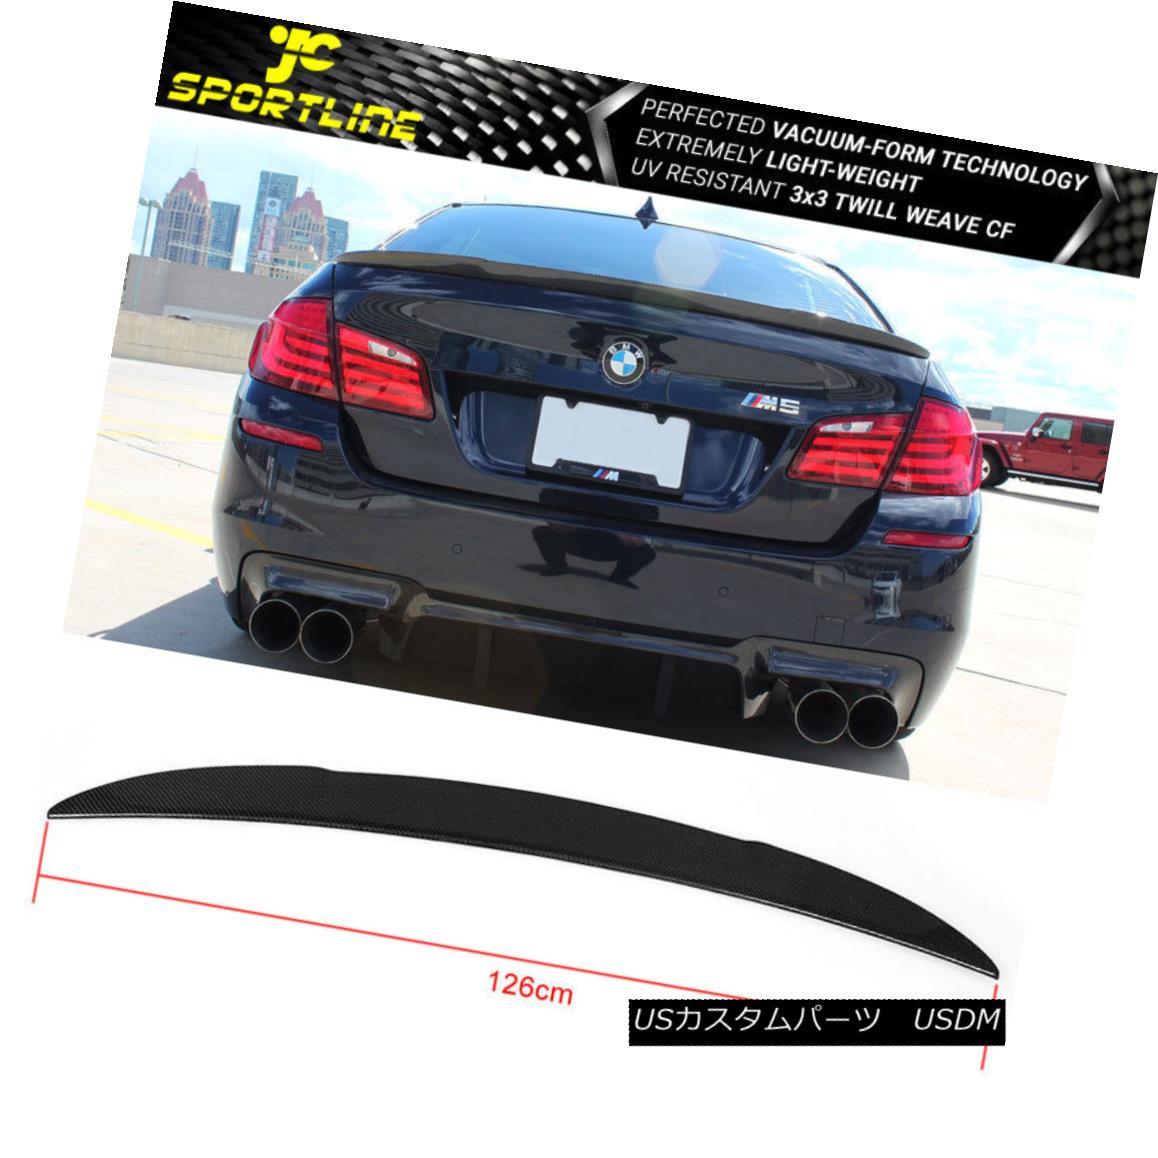 エアロパーツ Fits 11-16 BMW 5 Series F10 & M5 AK Style Trunk Spoiler Carbon Fiber CF フィット11-16 BMW 5シリーズF10& M5 AKスタイルトランクスポイラー炭素繊維CF